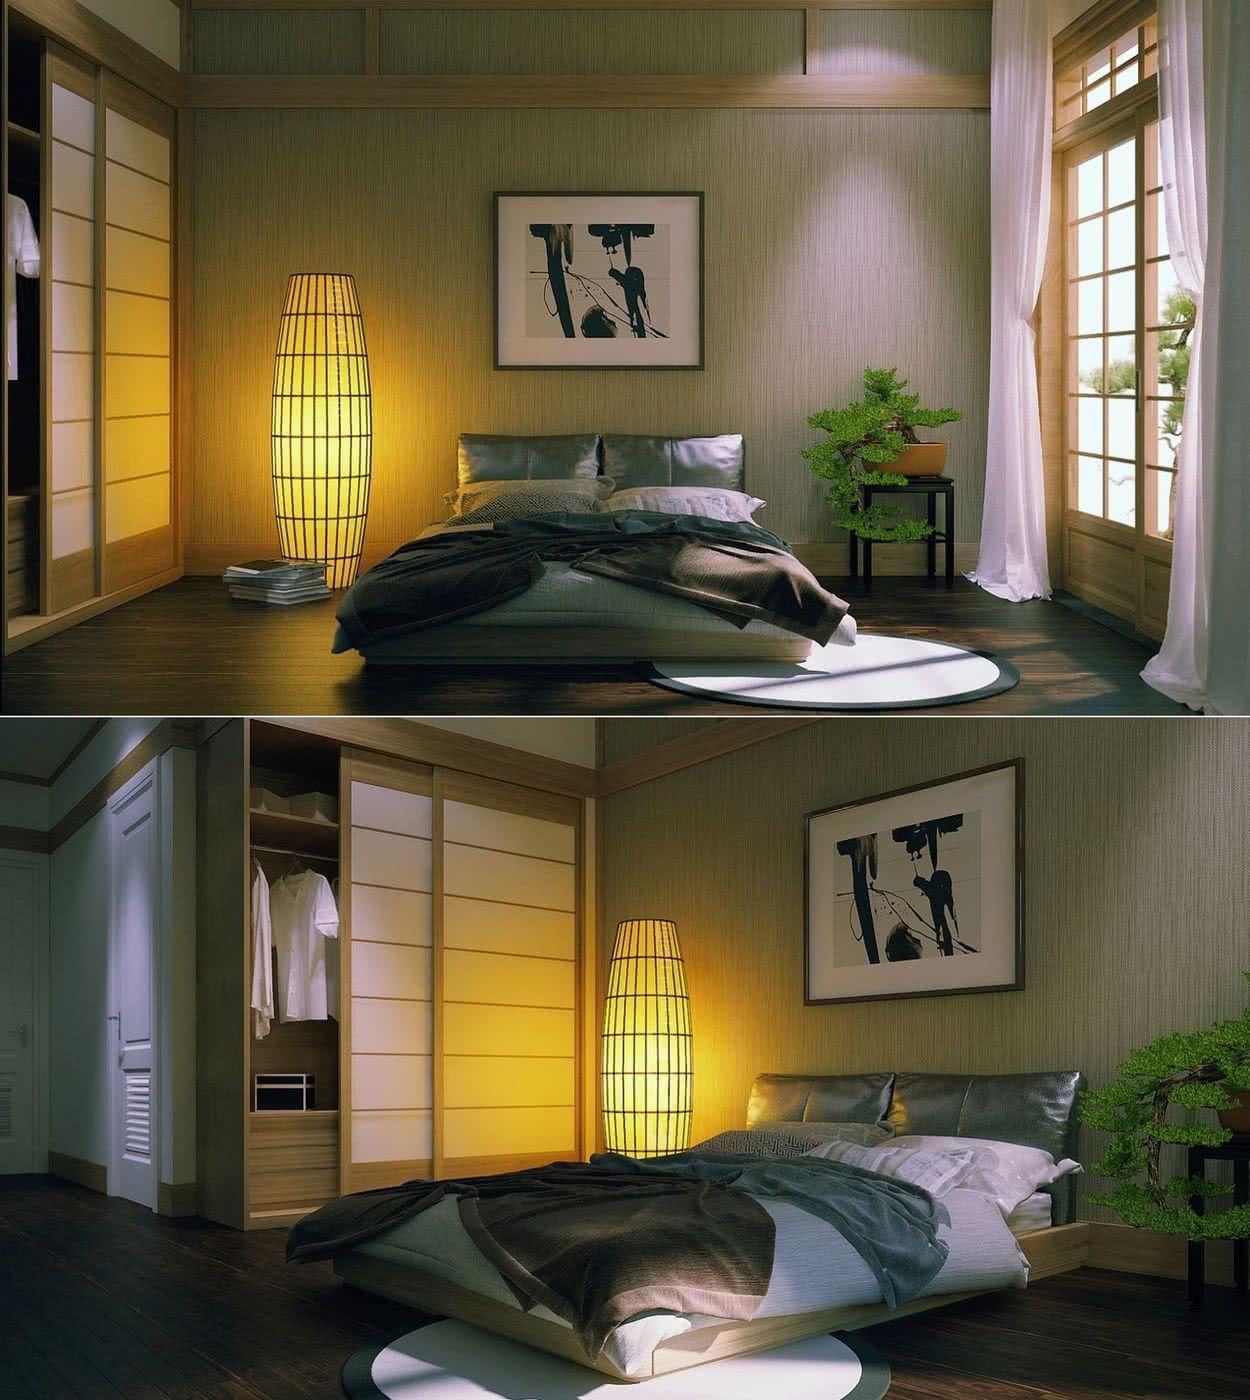 Dormitorios Zen 30 Fotos Y Decoraci 243 N Brico Y Deco